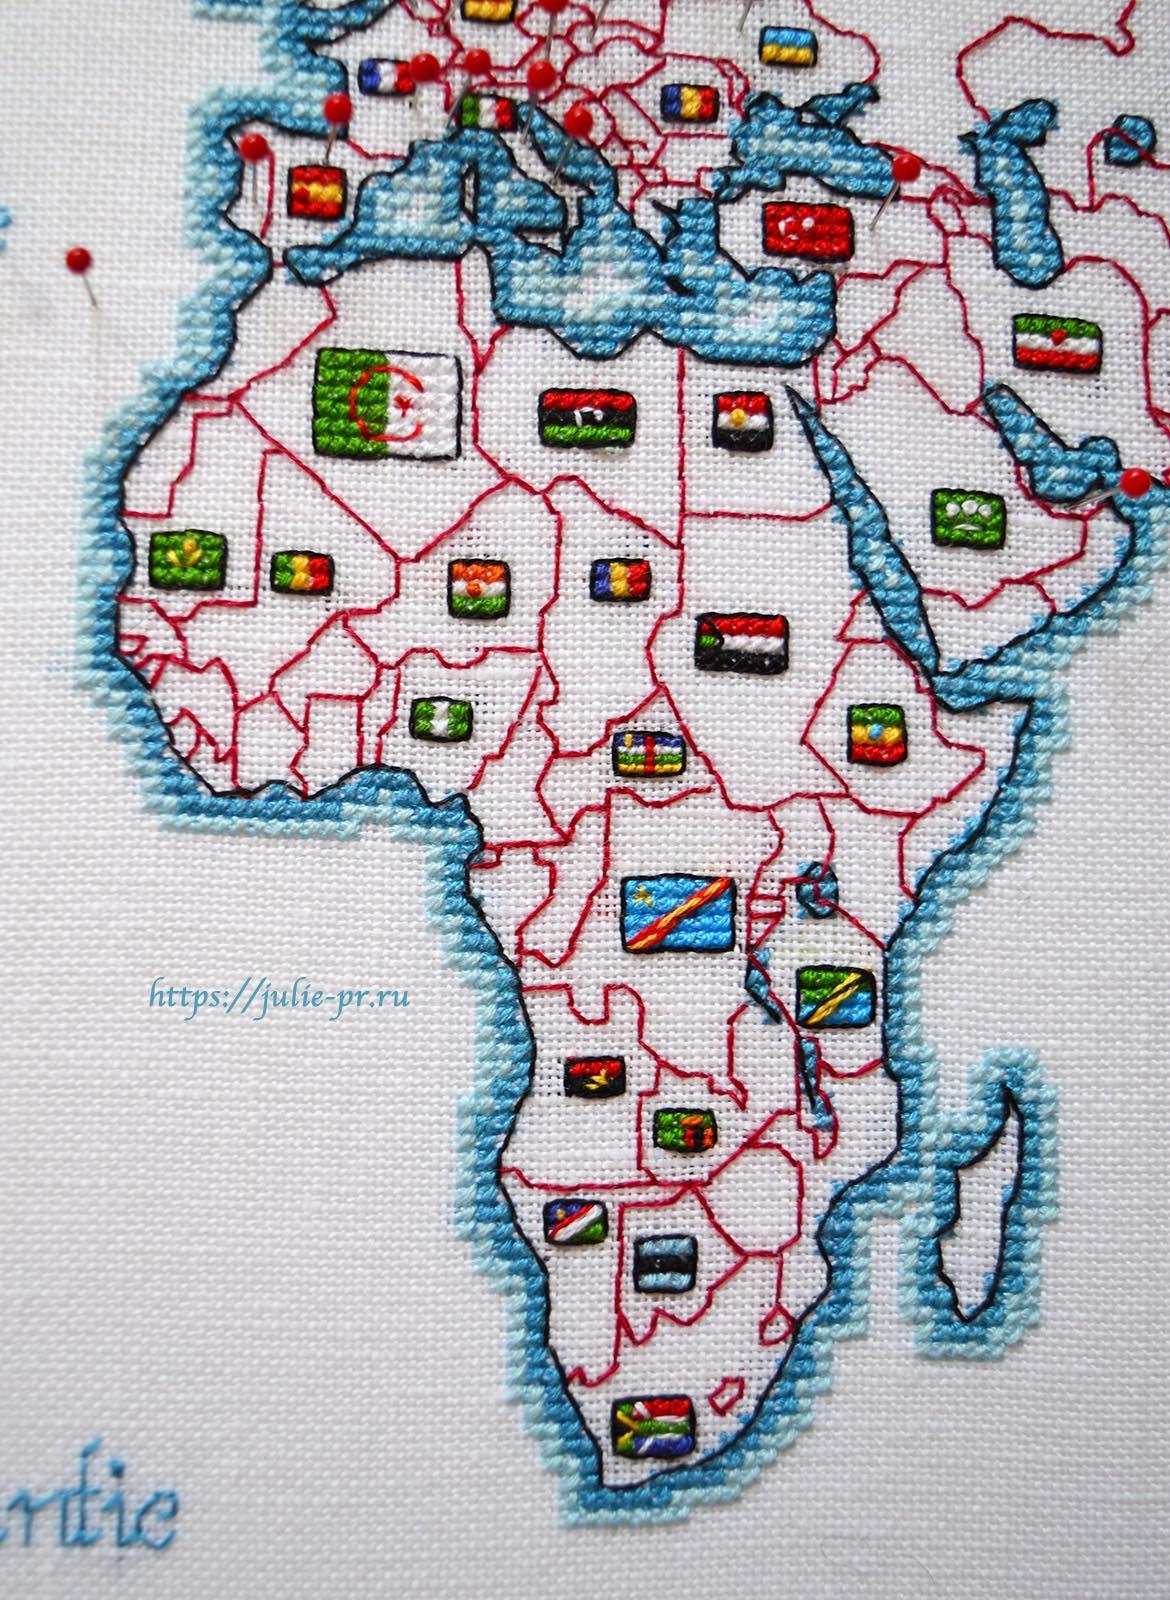 Вышивка крестом DMC K3413 DMC K3413 - Oceania collection, Карта мира. Африка